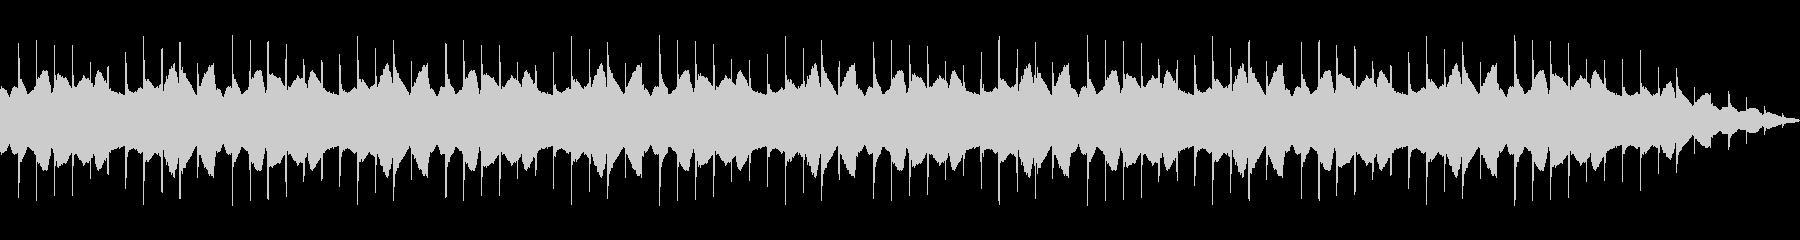 パラノイアベッドの未再生の波形